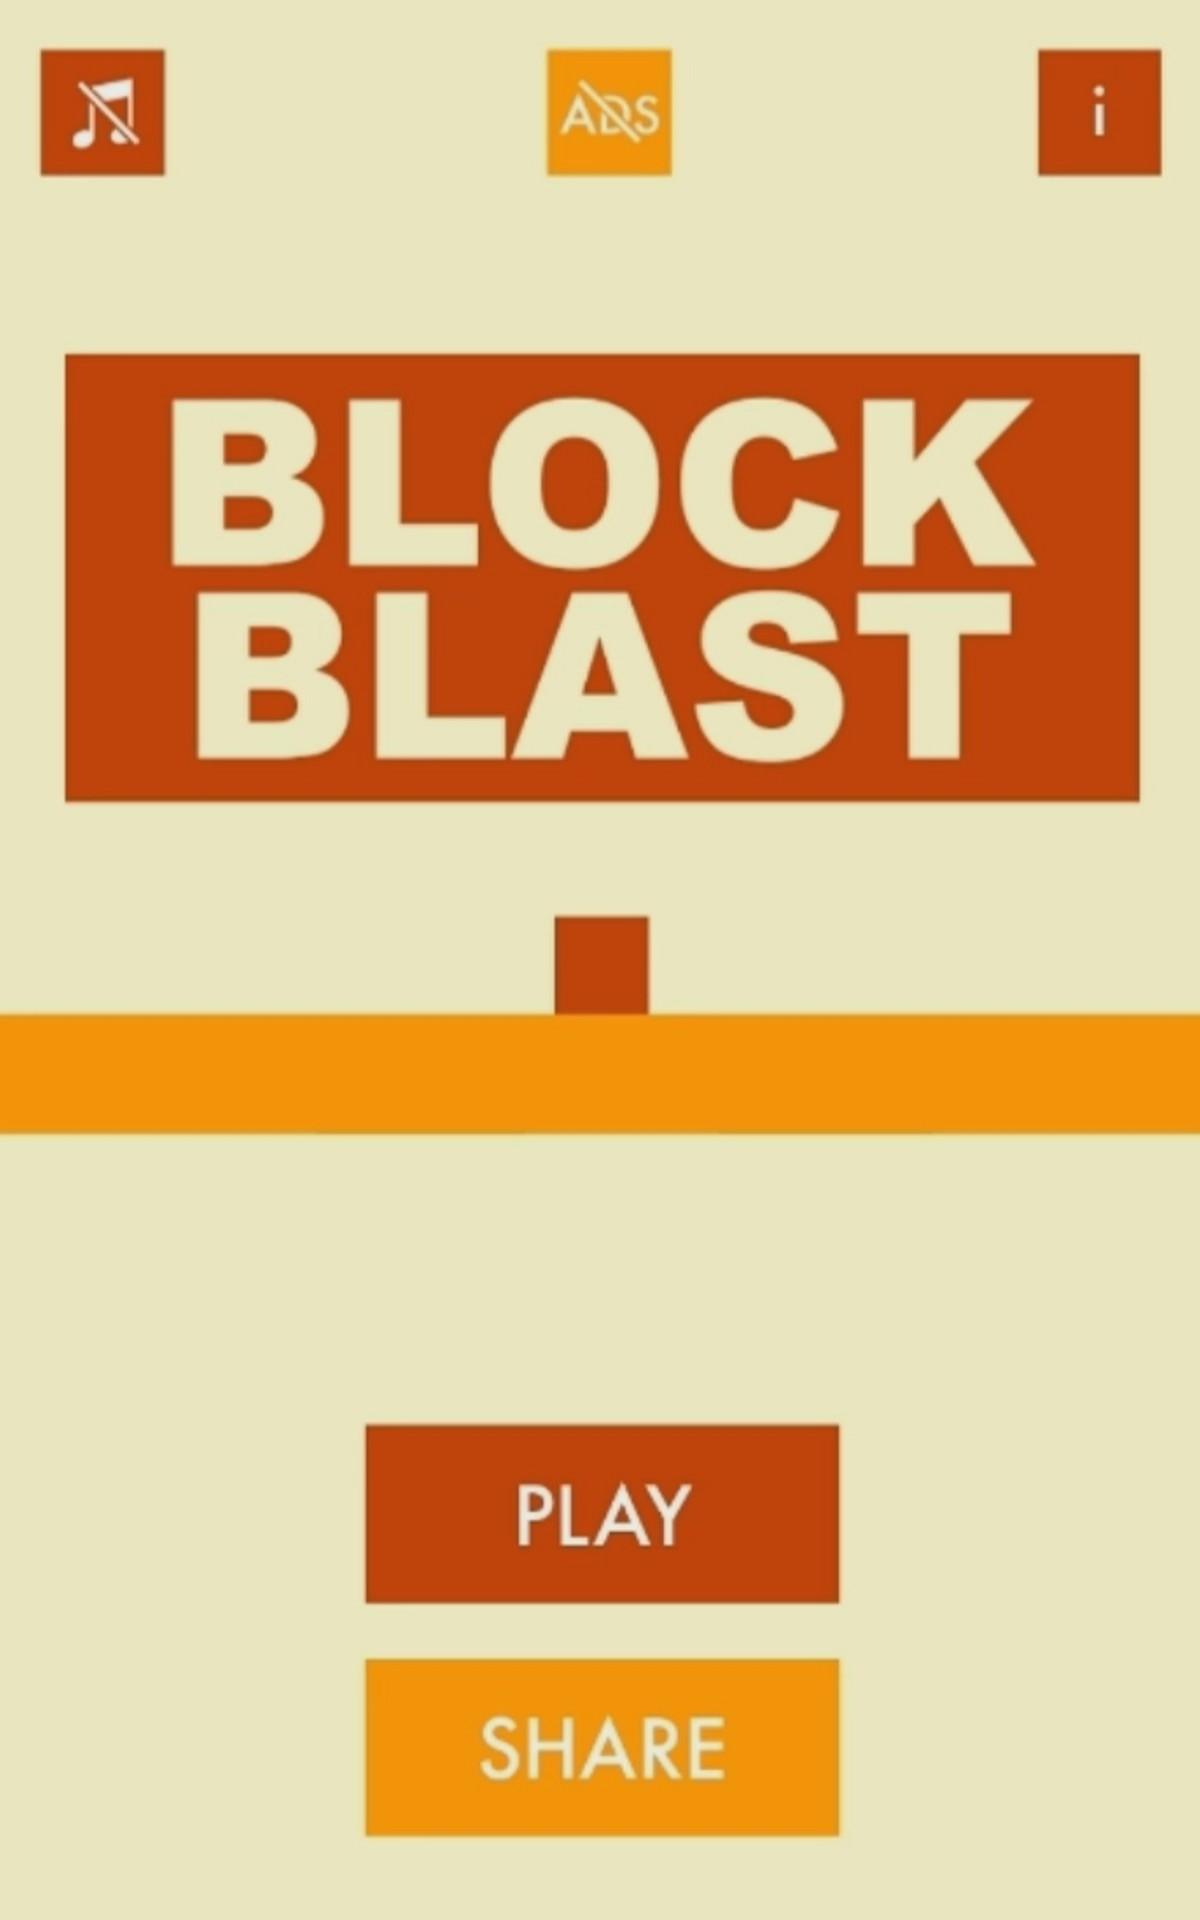 Digital cell phone blocker - cell phone add blocker app